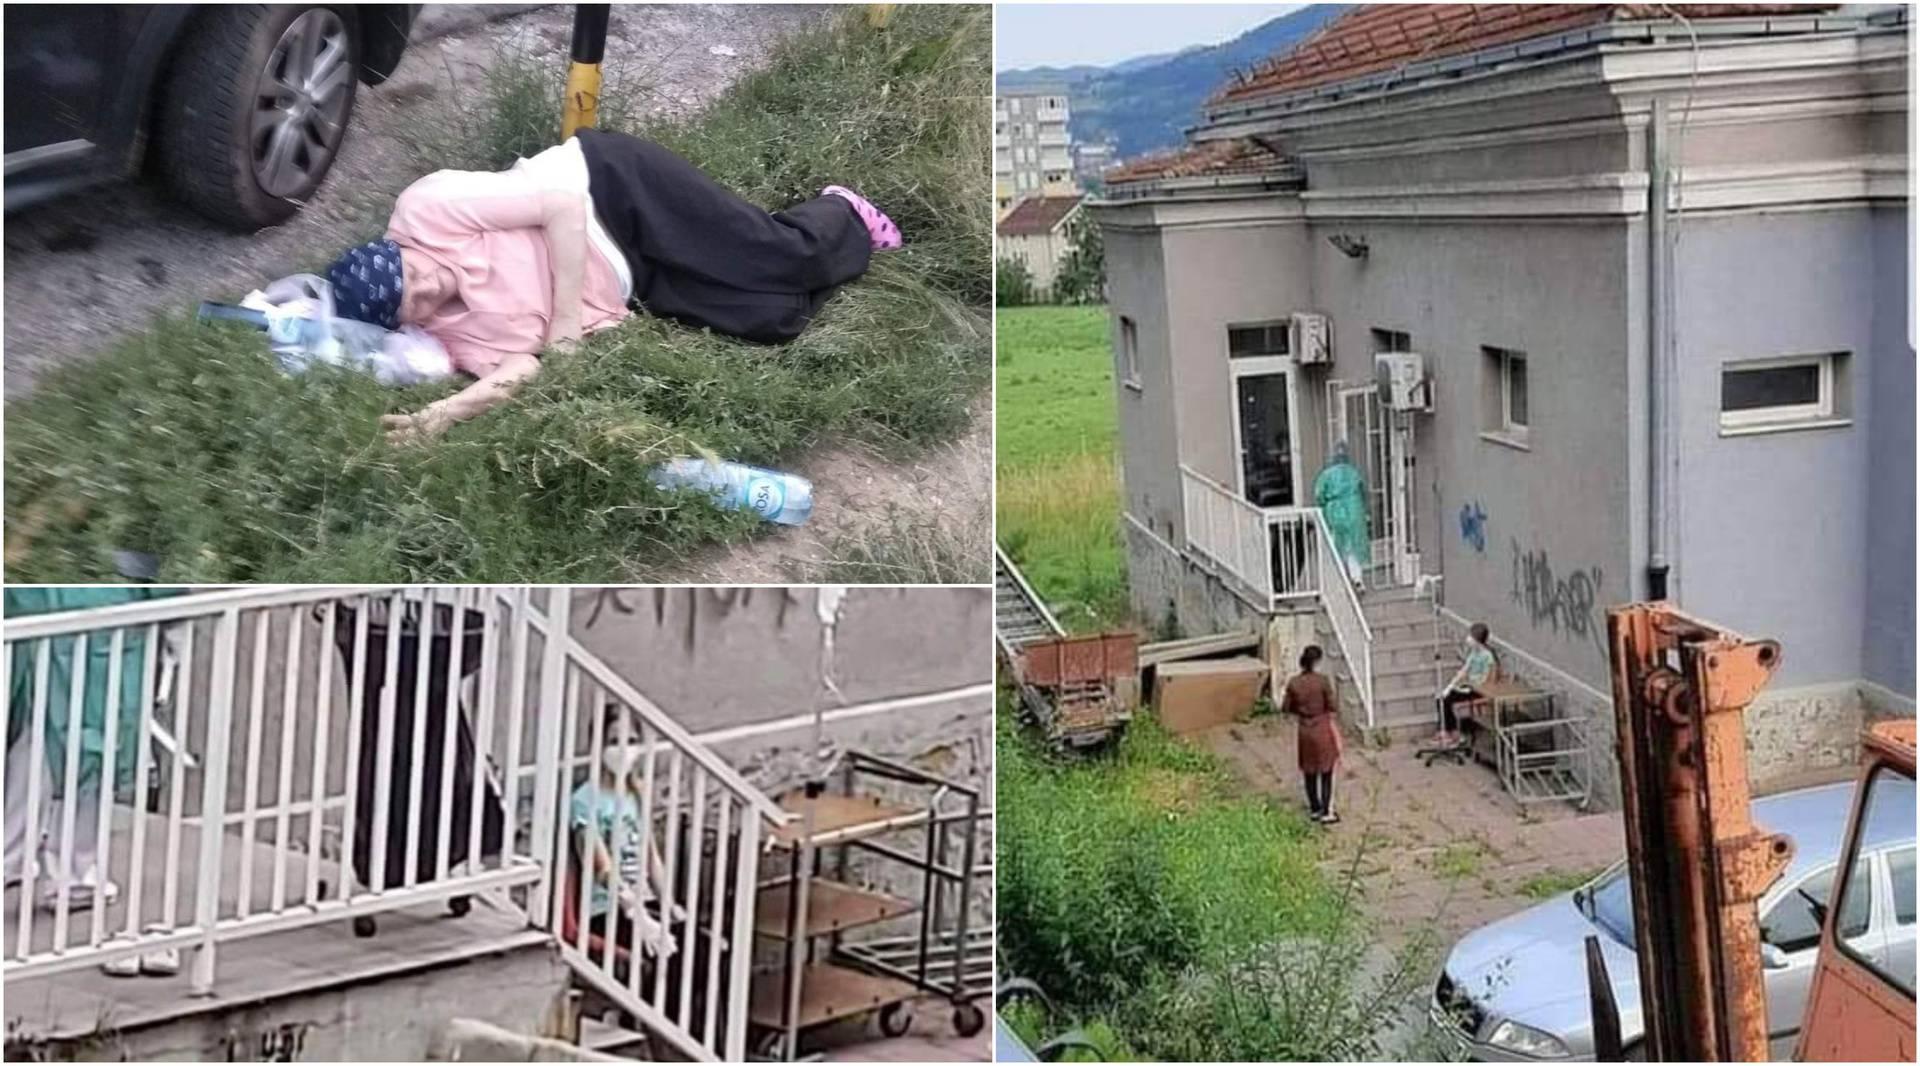 Staricu ostavili da leži na travi ispred bolnice, curica je infuziju primala vani pored stepenica...